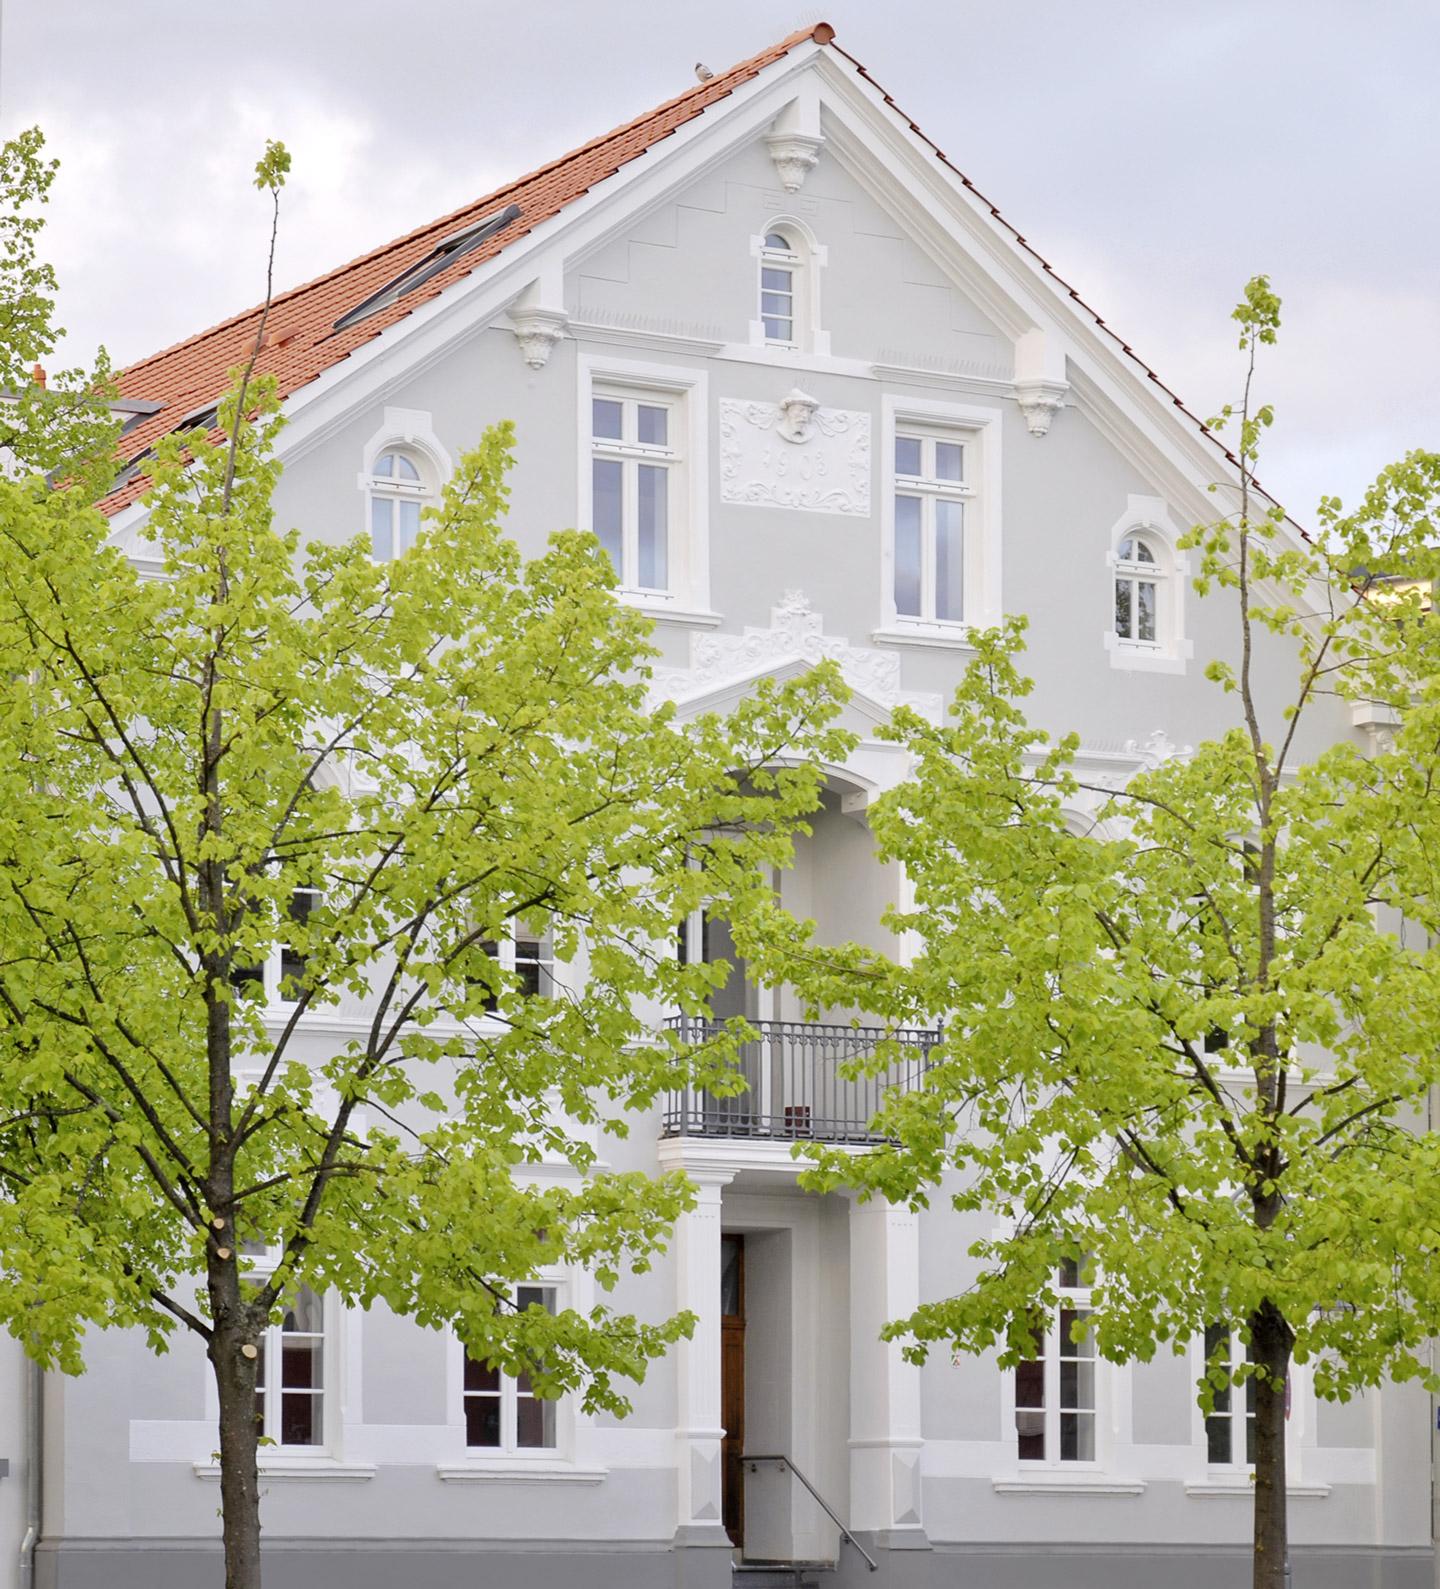 Fassade der Königsvilla.